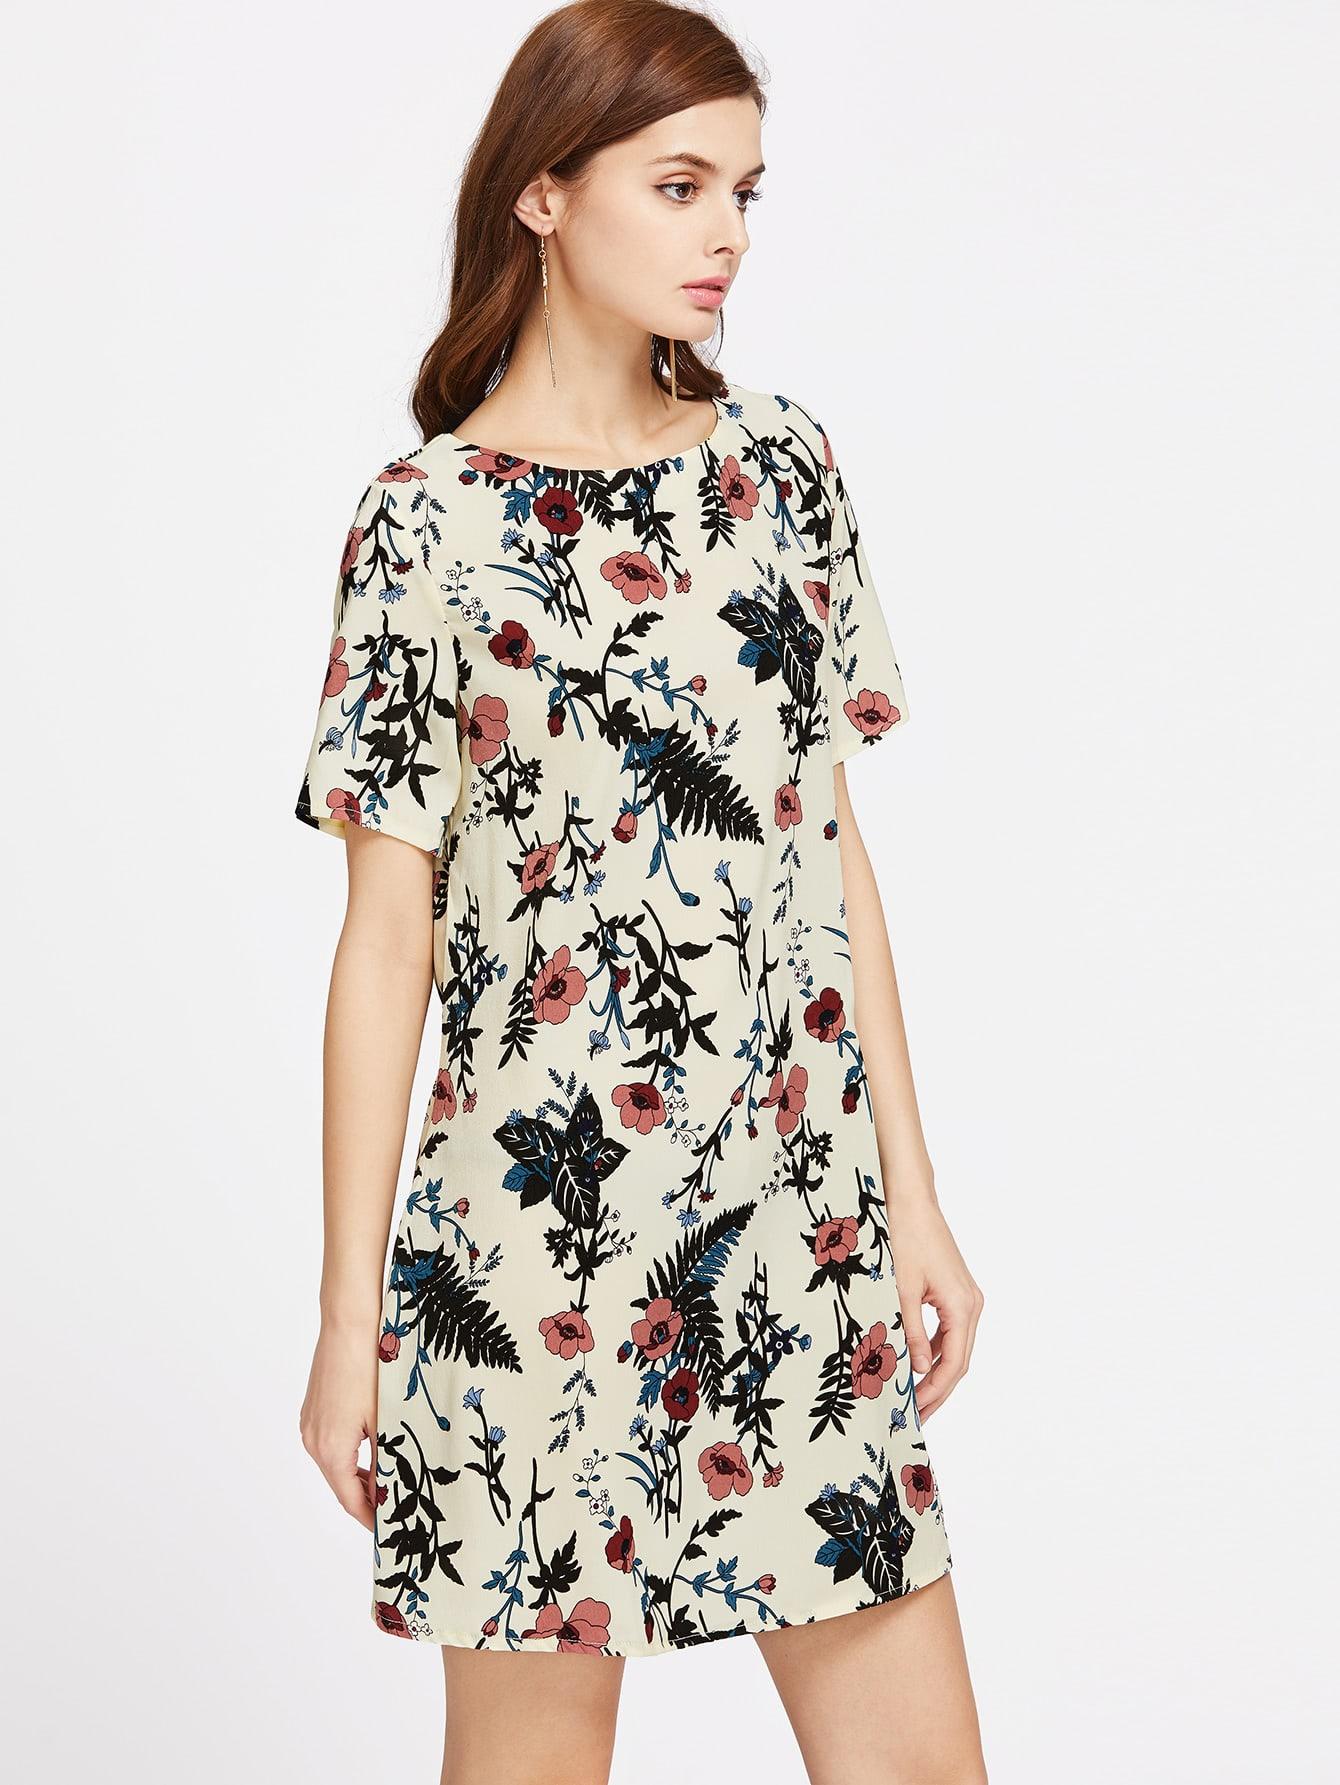 dress170406402_2